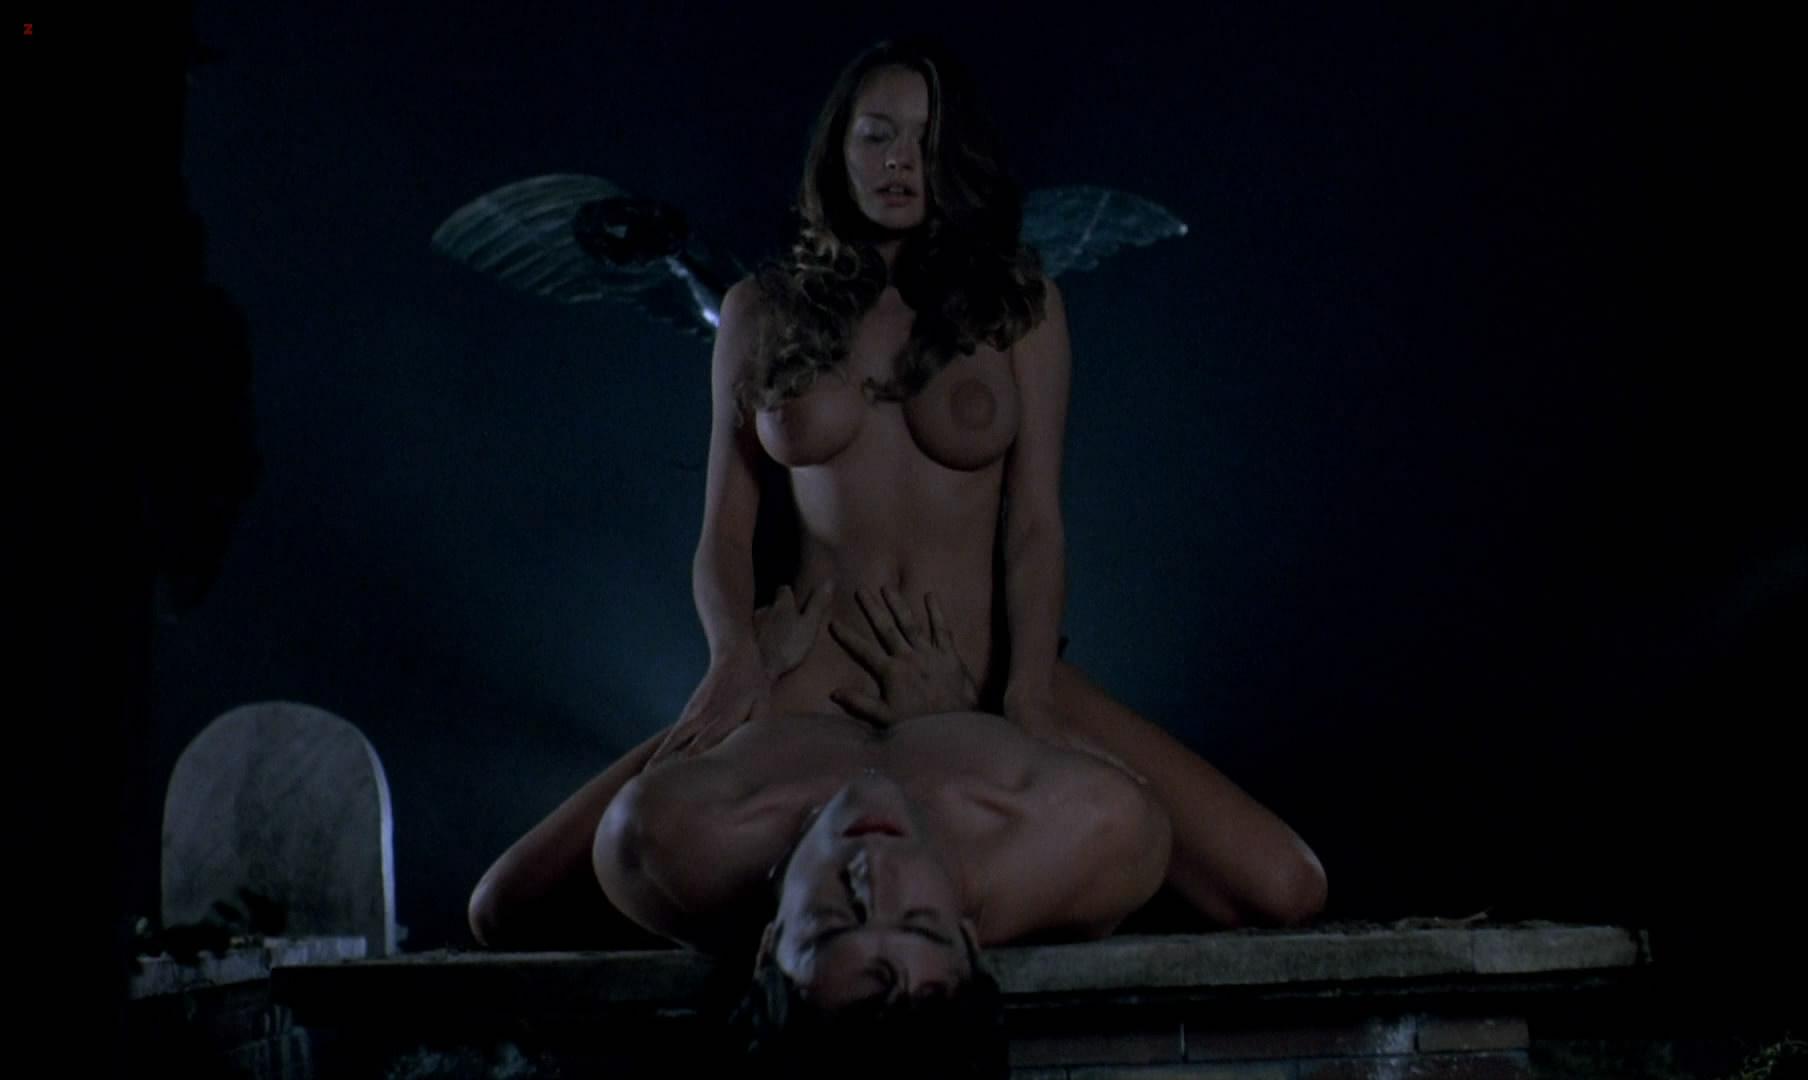 Anna nackt Fialova Sex HD